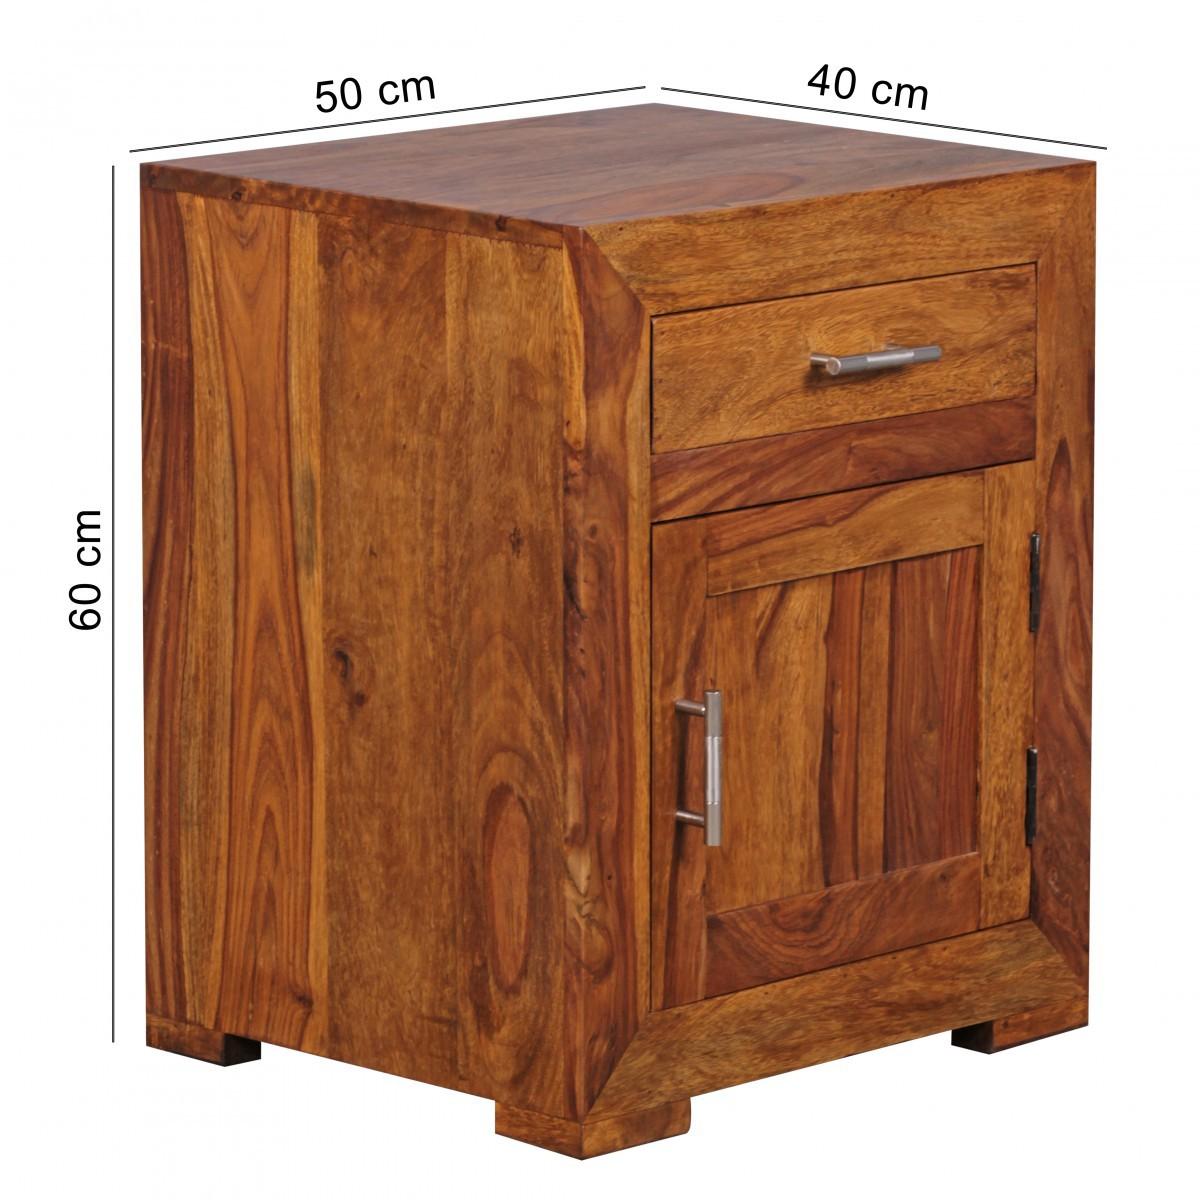 finebuy nachttisch massivholz nachtkommode h 60 cm x b 50 cm mit schublade und t r nachtschrank. Black Bedroom Furniture Sets. Home Design Ideas